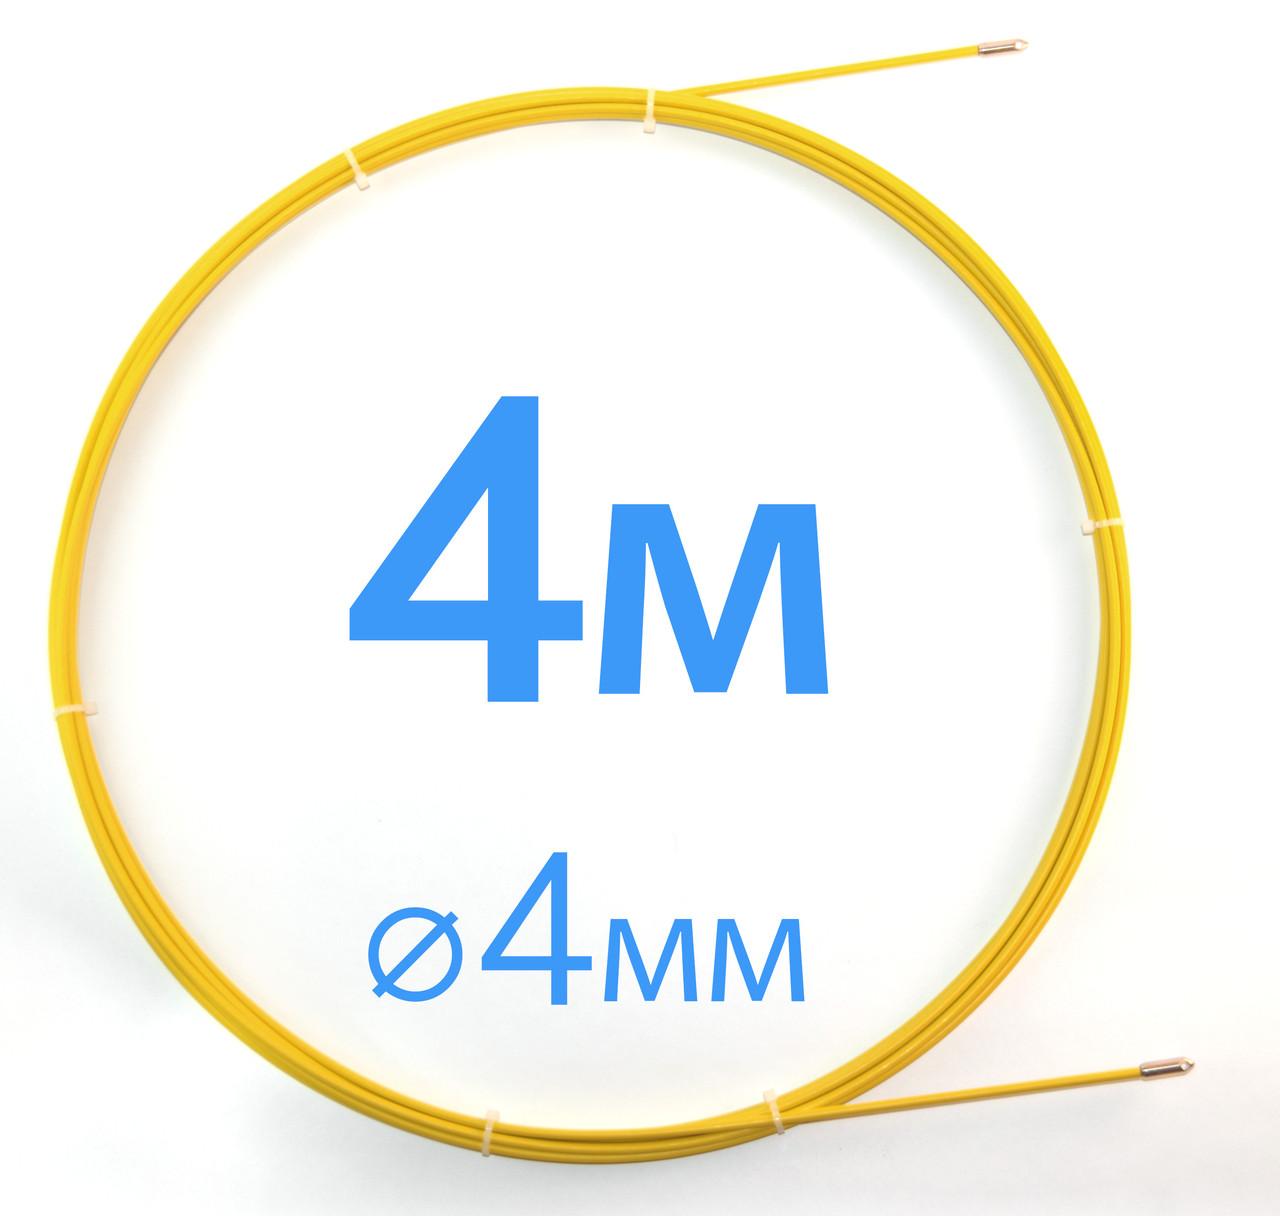 Кабельная протяжка, стеклопруток 4мм х 4м - УЗК, трос протяжка для кабеля из стекловолкна, затяжка кабеля